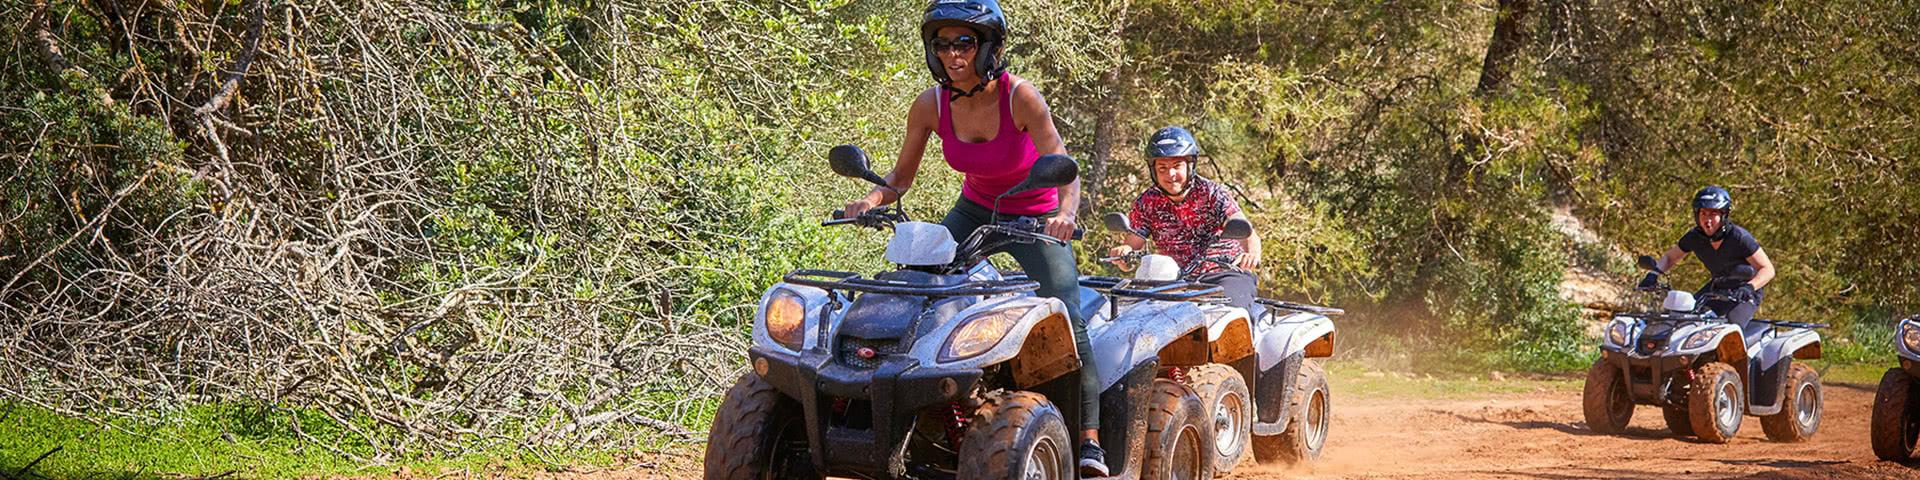 Gruppe fährt gemeinsam Quad auf Mallorca